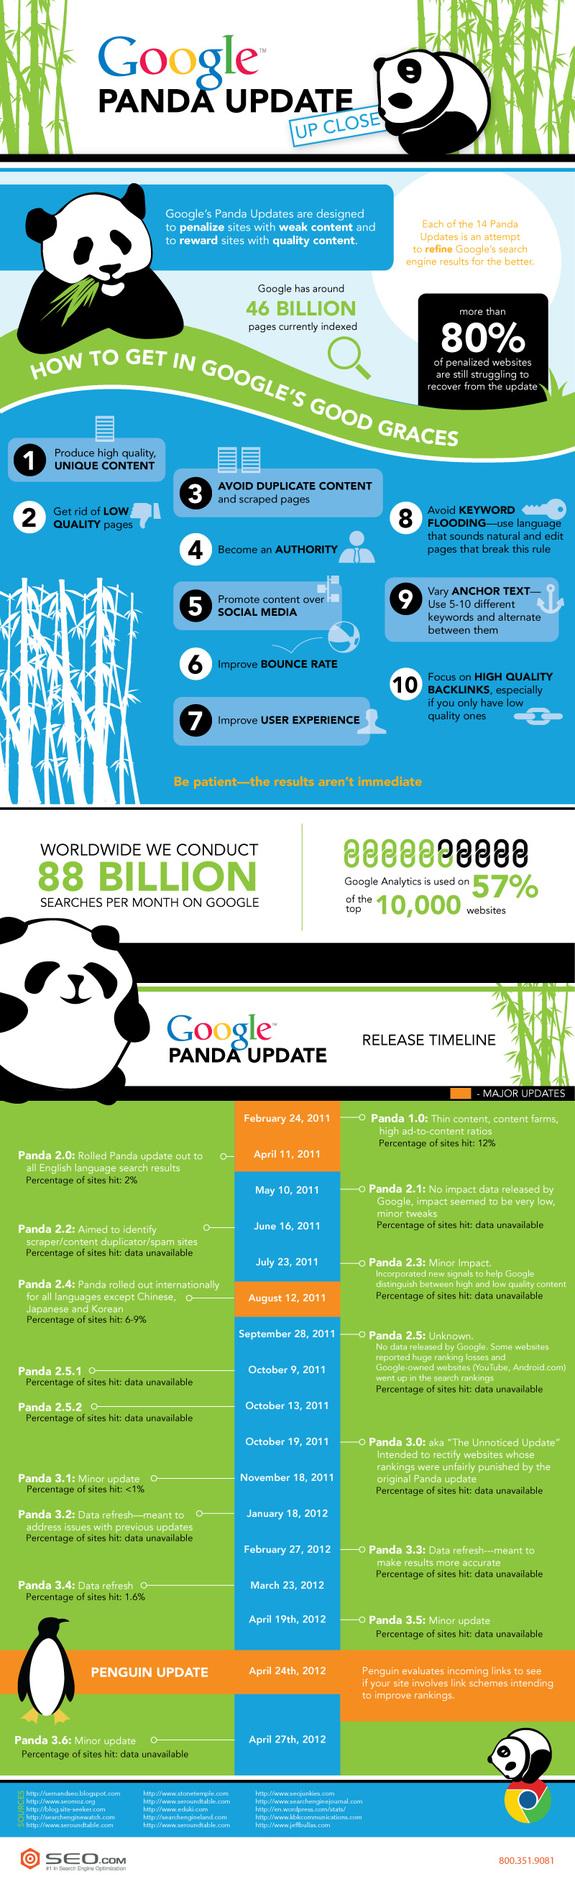 Google Panda Update infographic